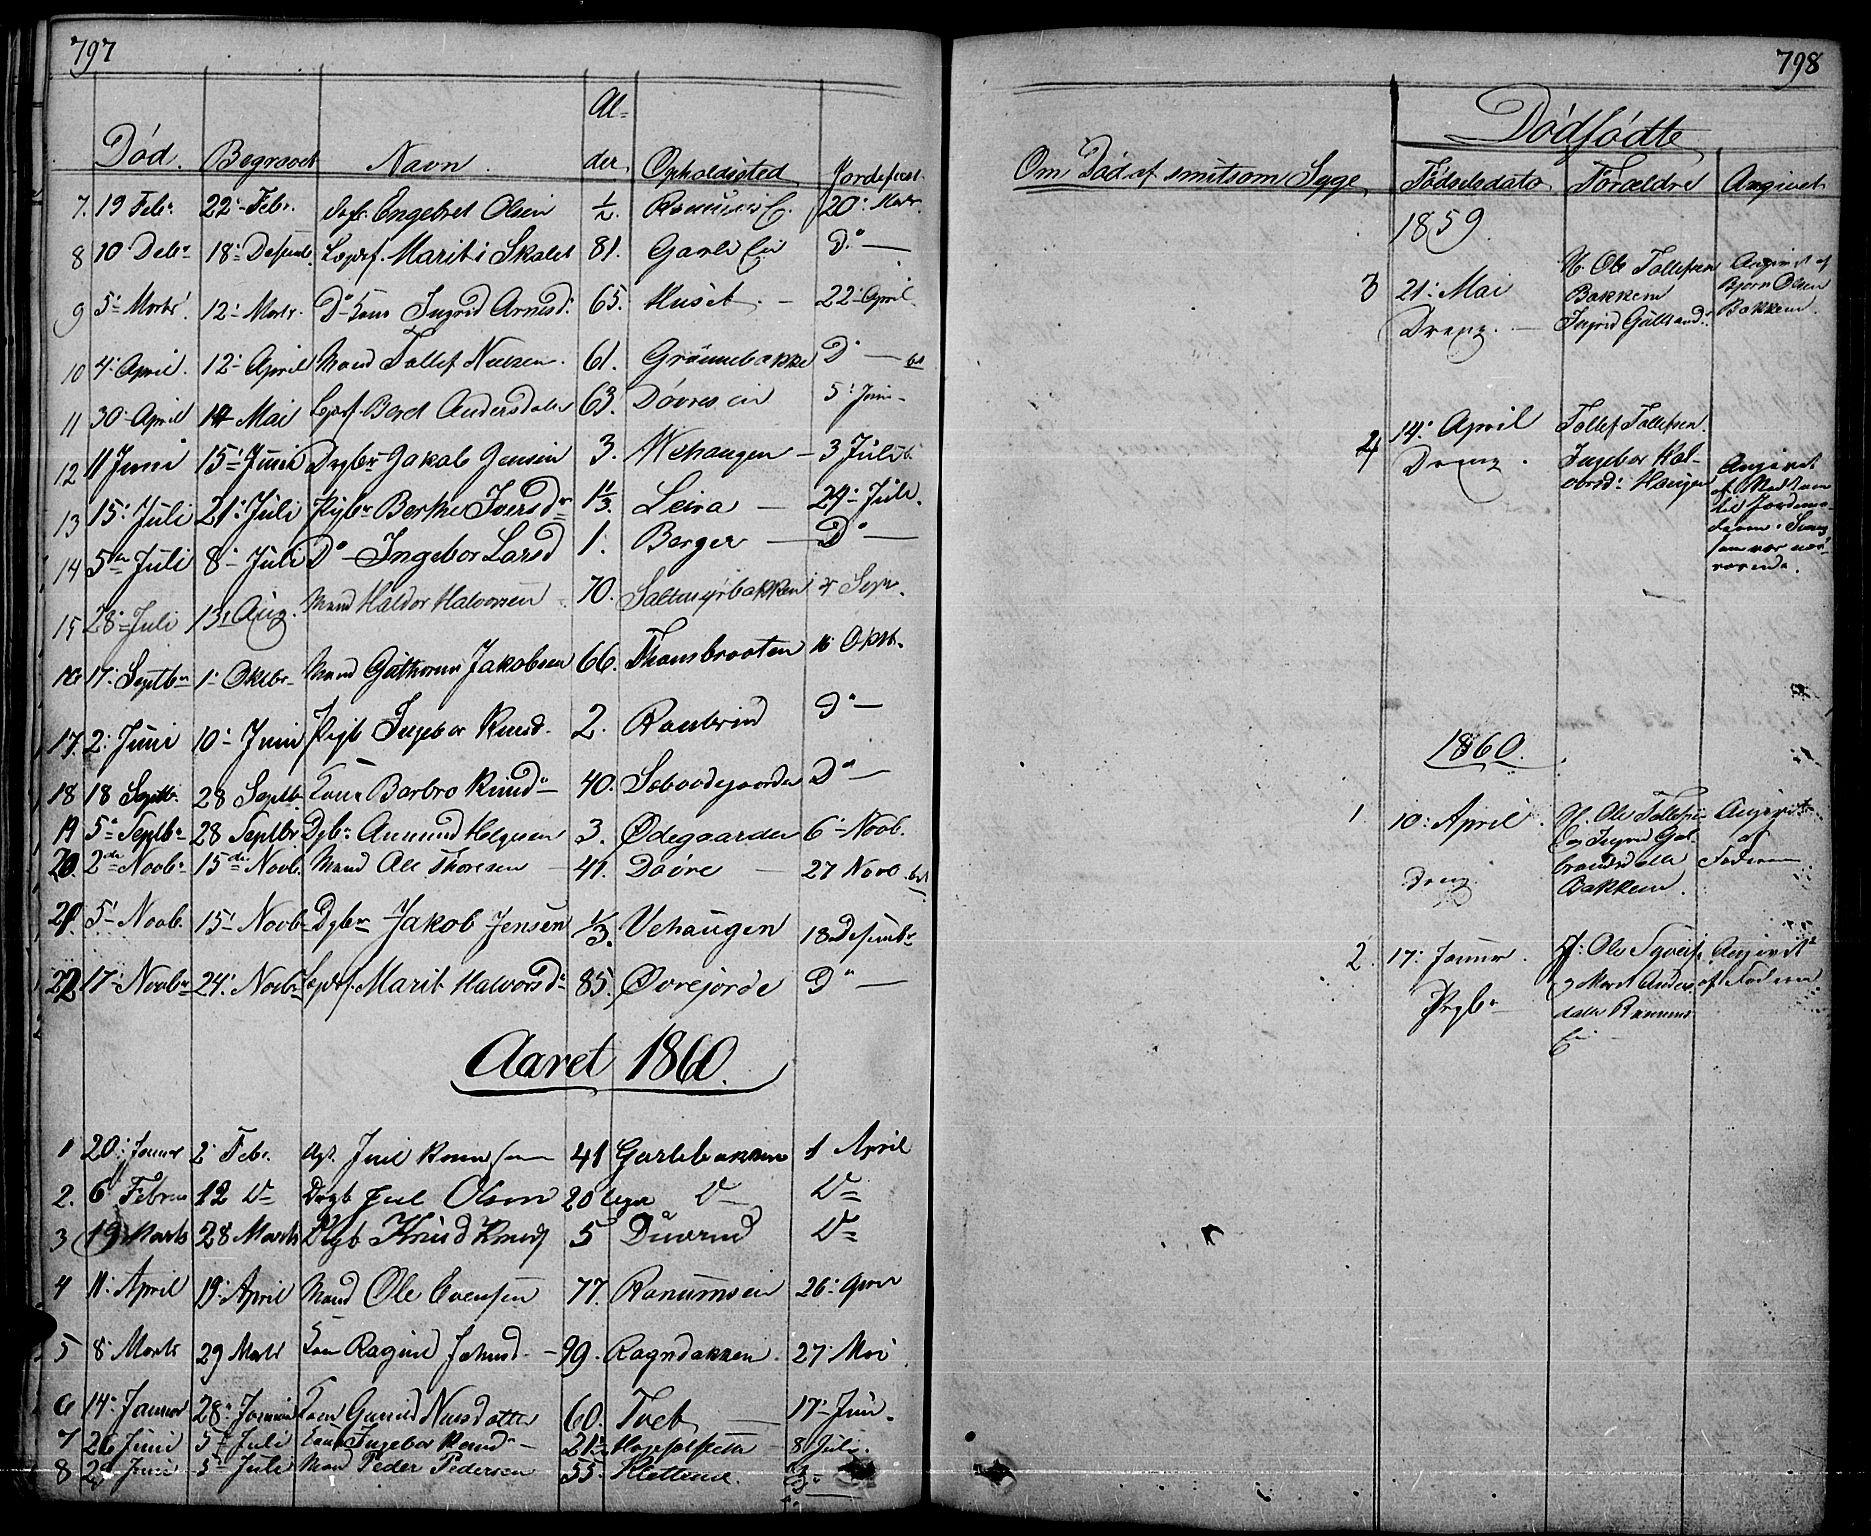 SAH, Nord-Aurdal prestekontor, Klokkerbok nr. 1, 1834-1887, s. 797-798